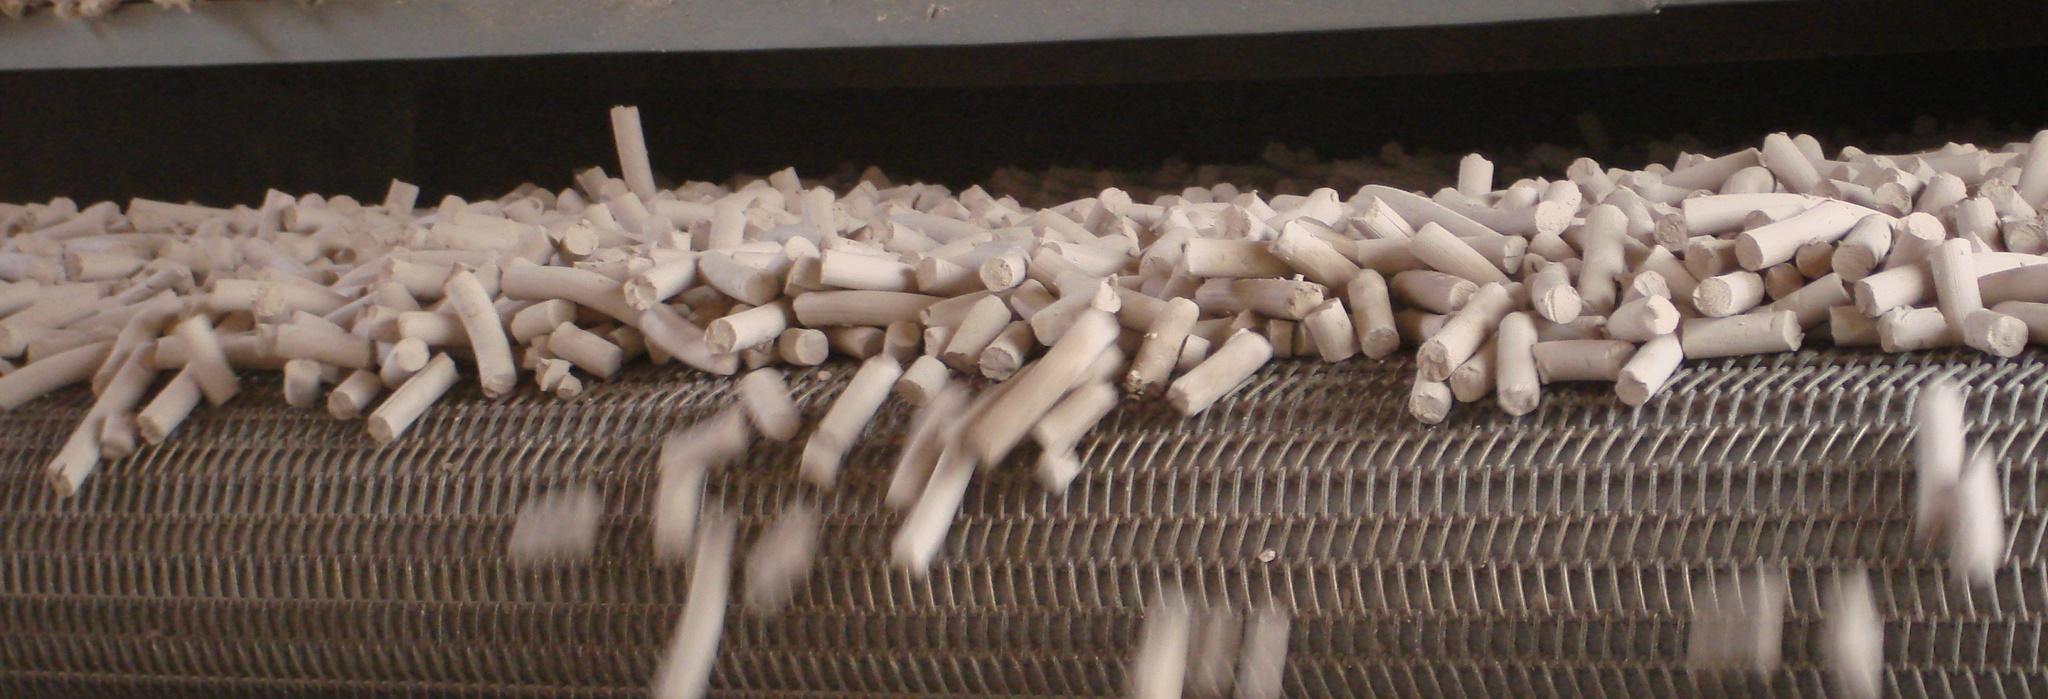 Mullite-production-Inner-Mongolia-2006